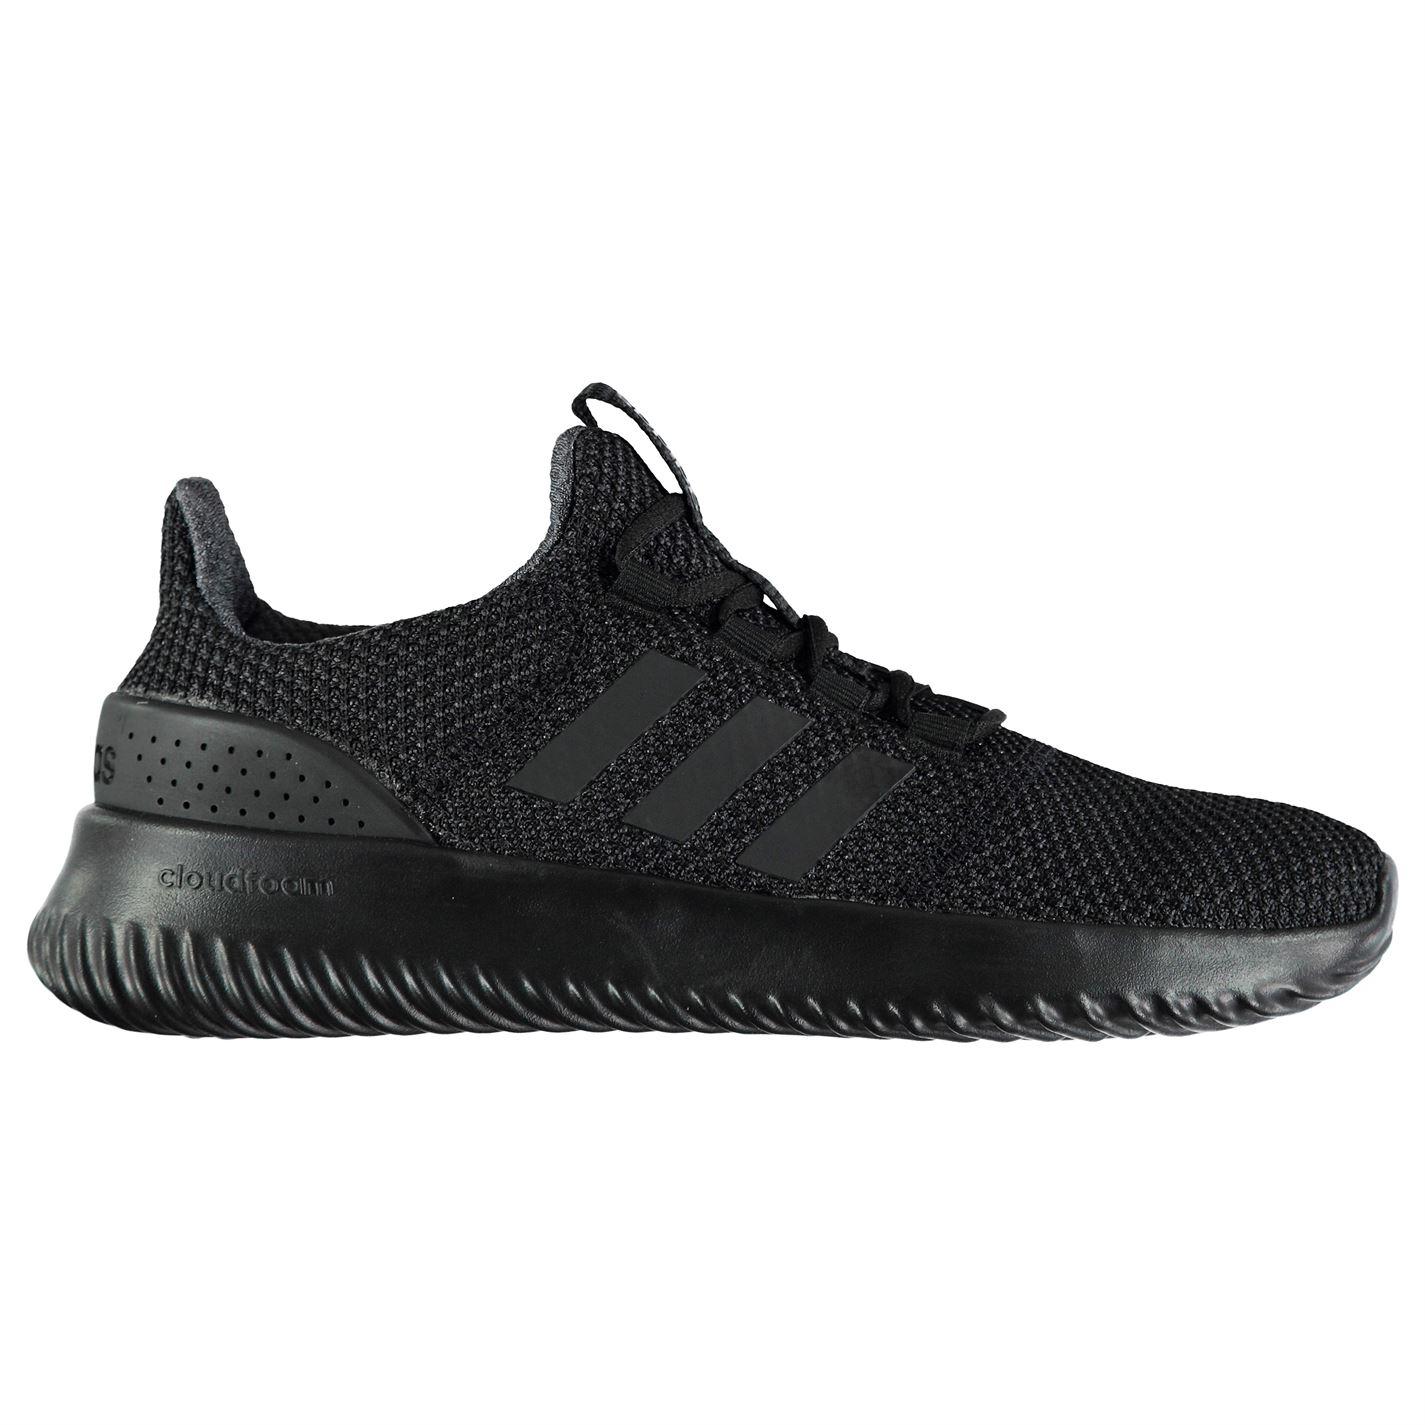 Adidas Cloudfoam Ultimate pánske tenisky